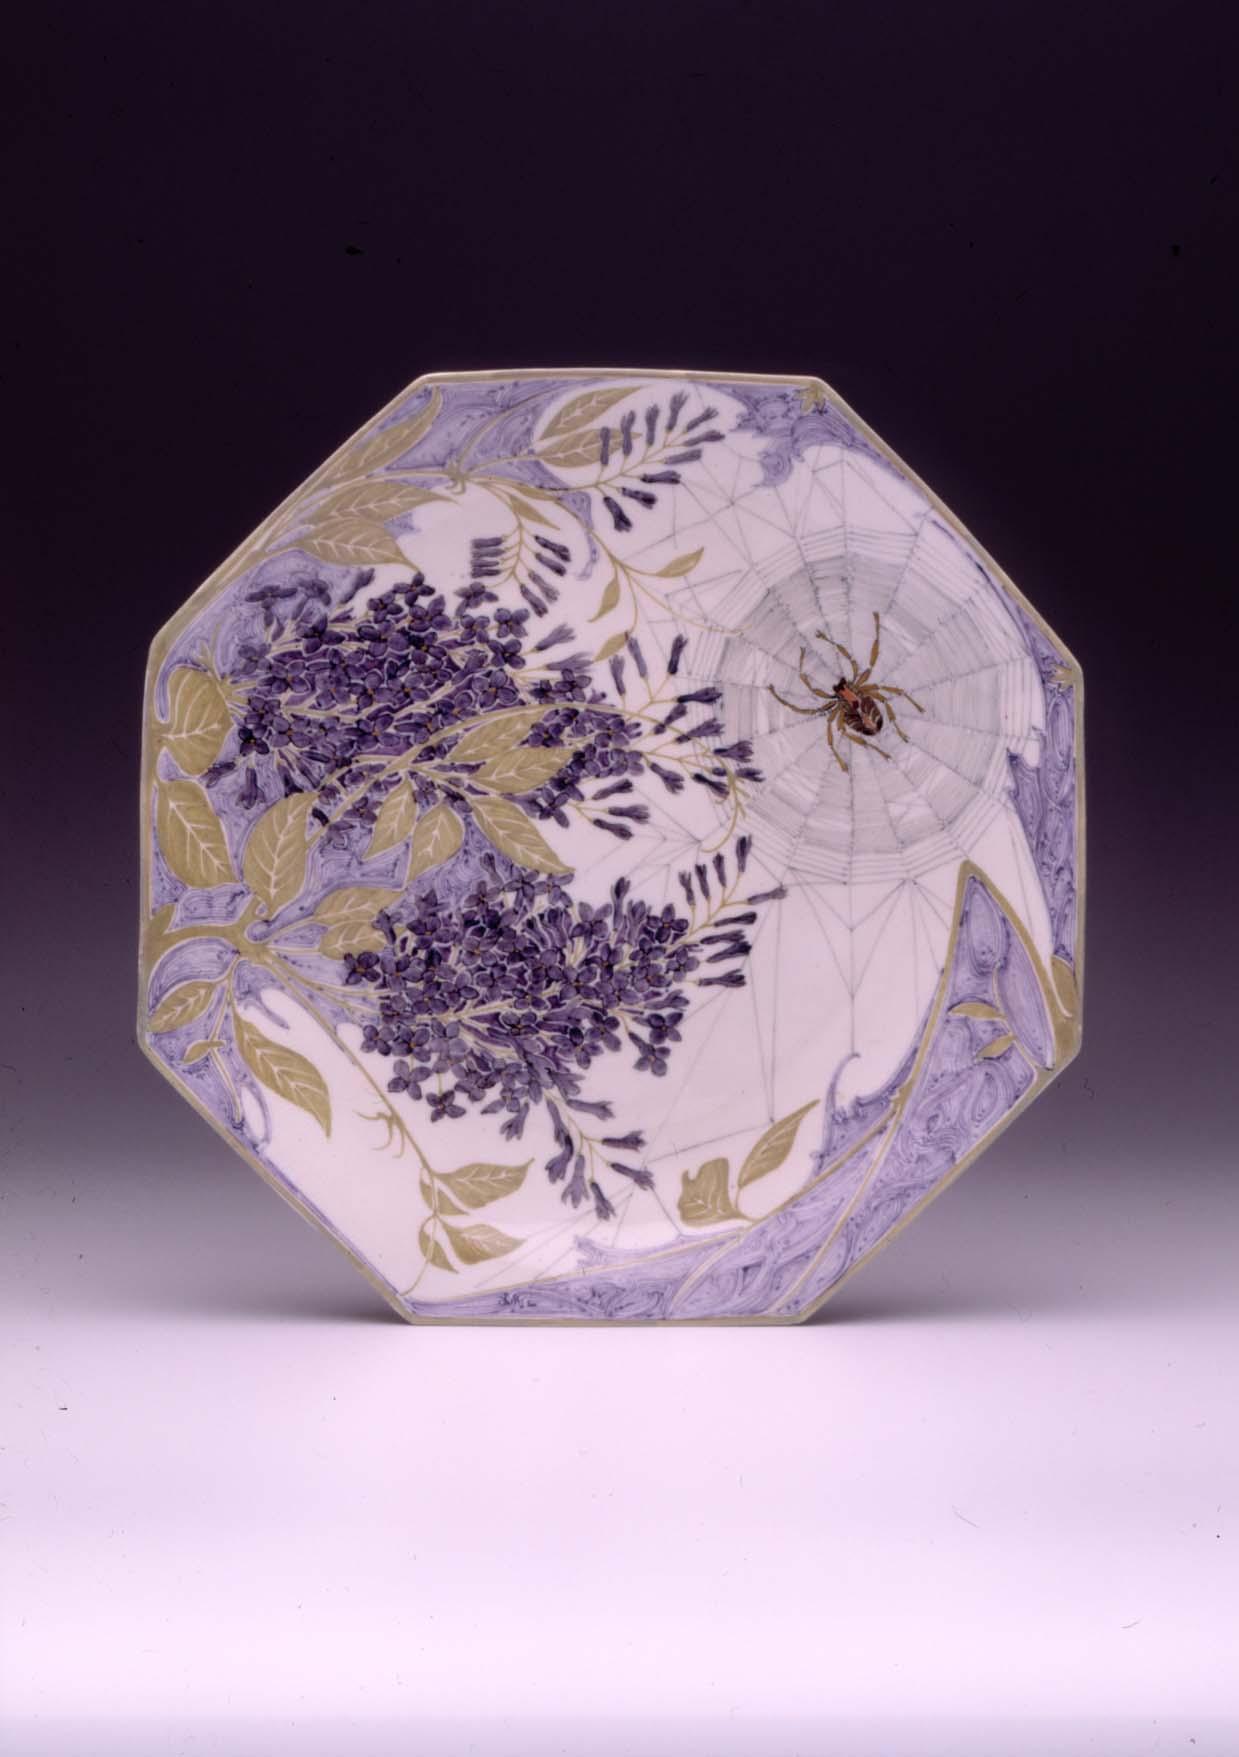 Decorative saucer from the Rozenburg Delftware factory, The Hague, 1908. Assen, Drents Museum